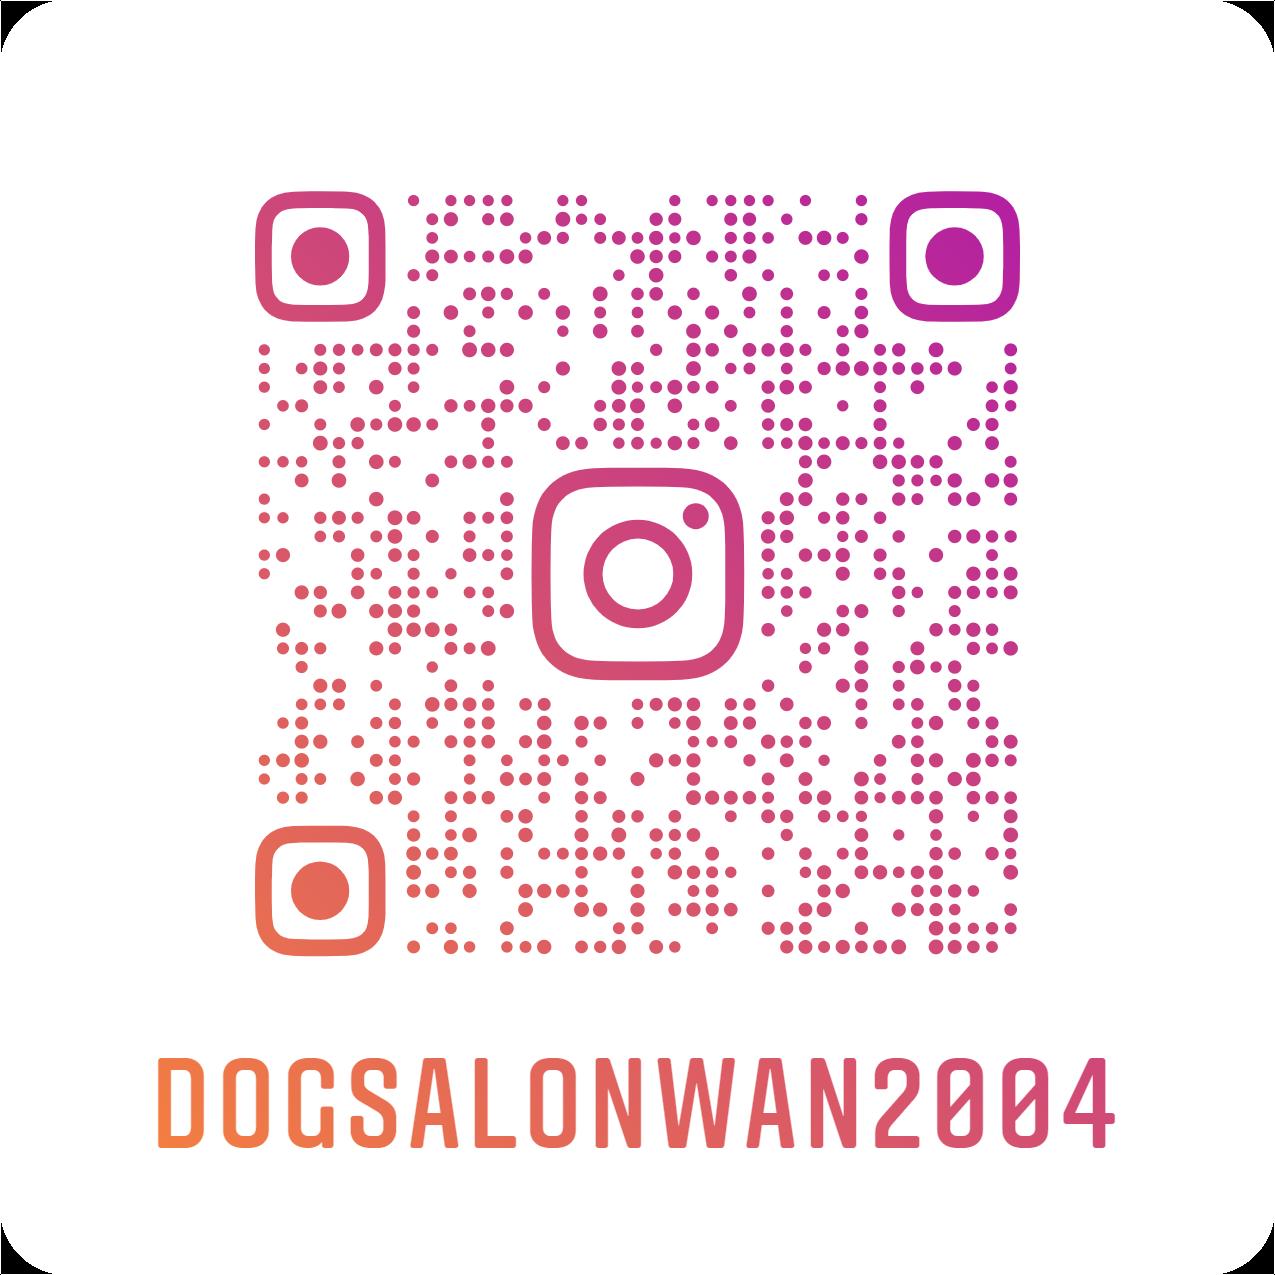 dogsalonwan2004_nametag_20210822155504853.png